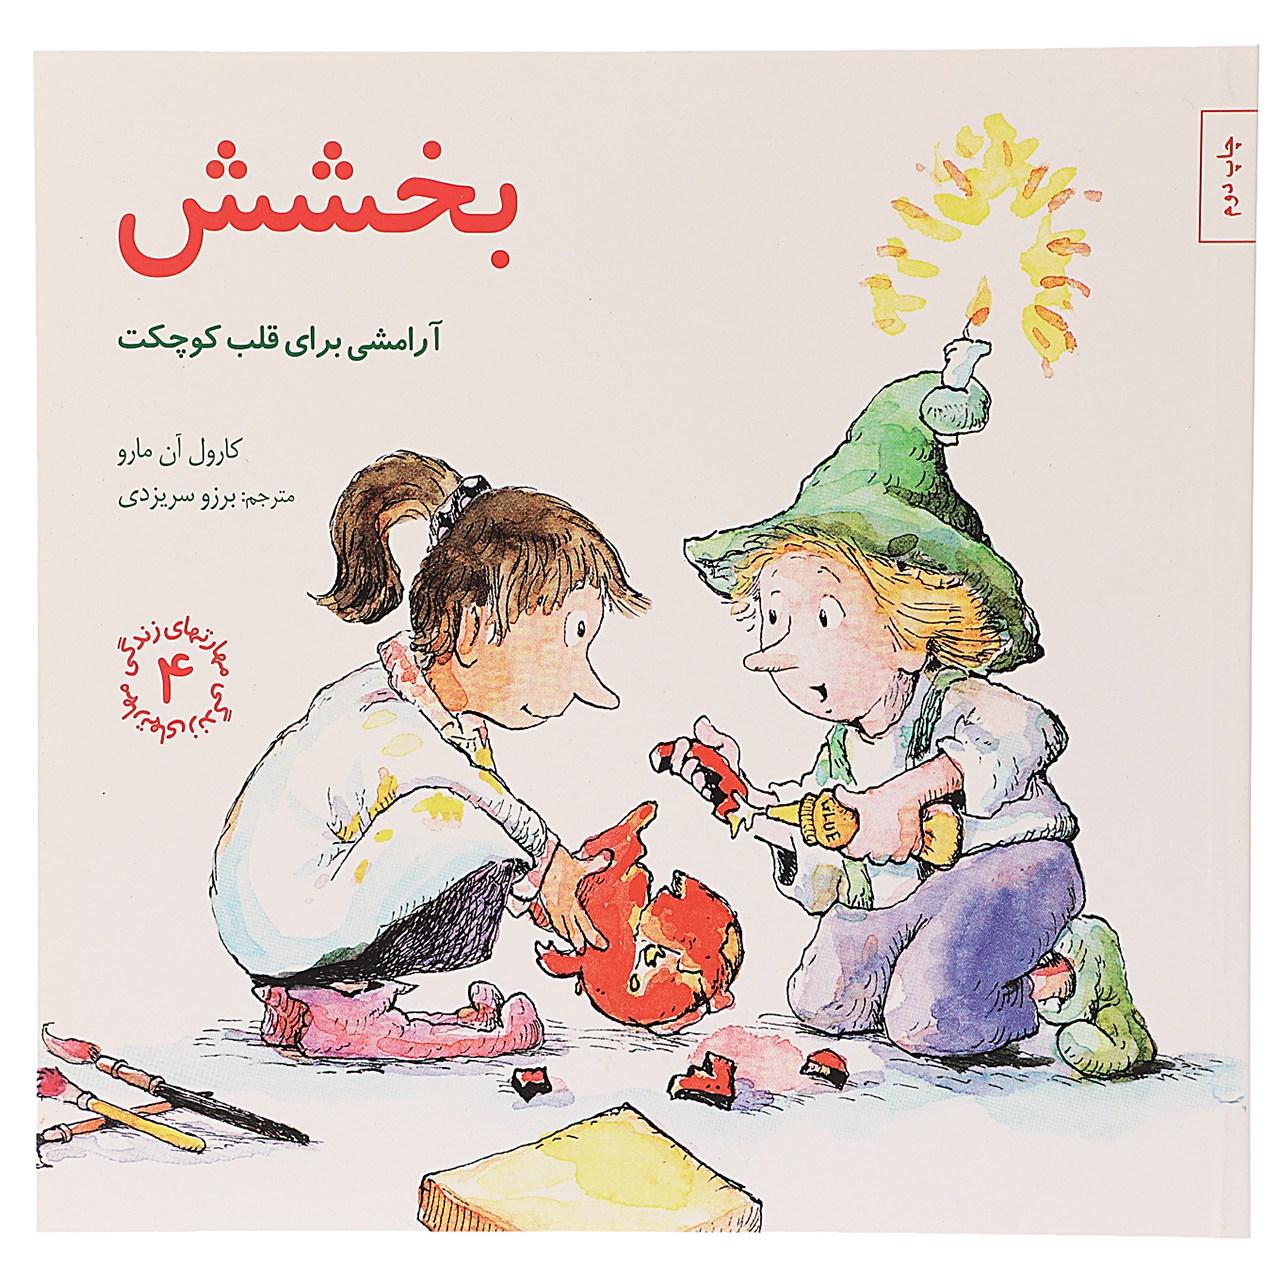 کتاب بخشش آرامشی برای قلب کوچکت اثر کارول آن مارو